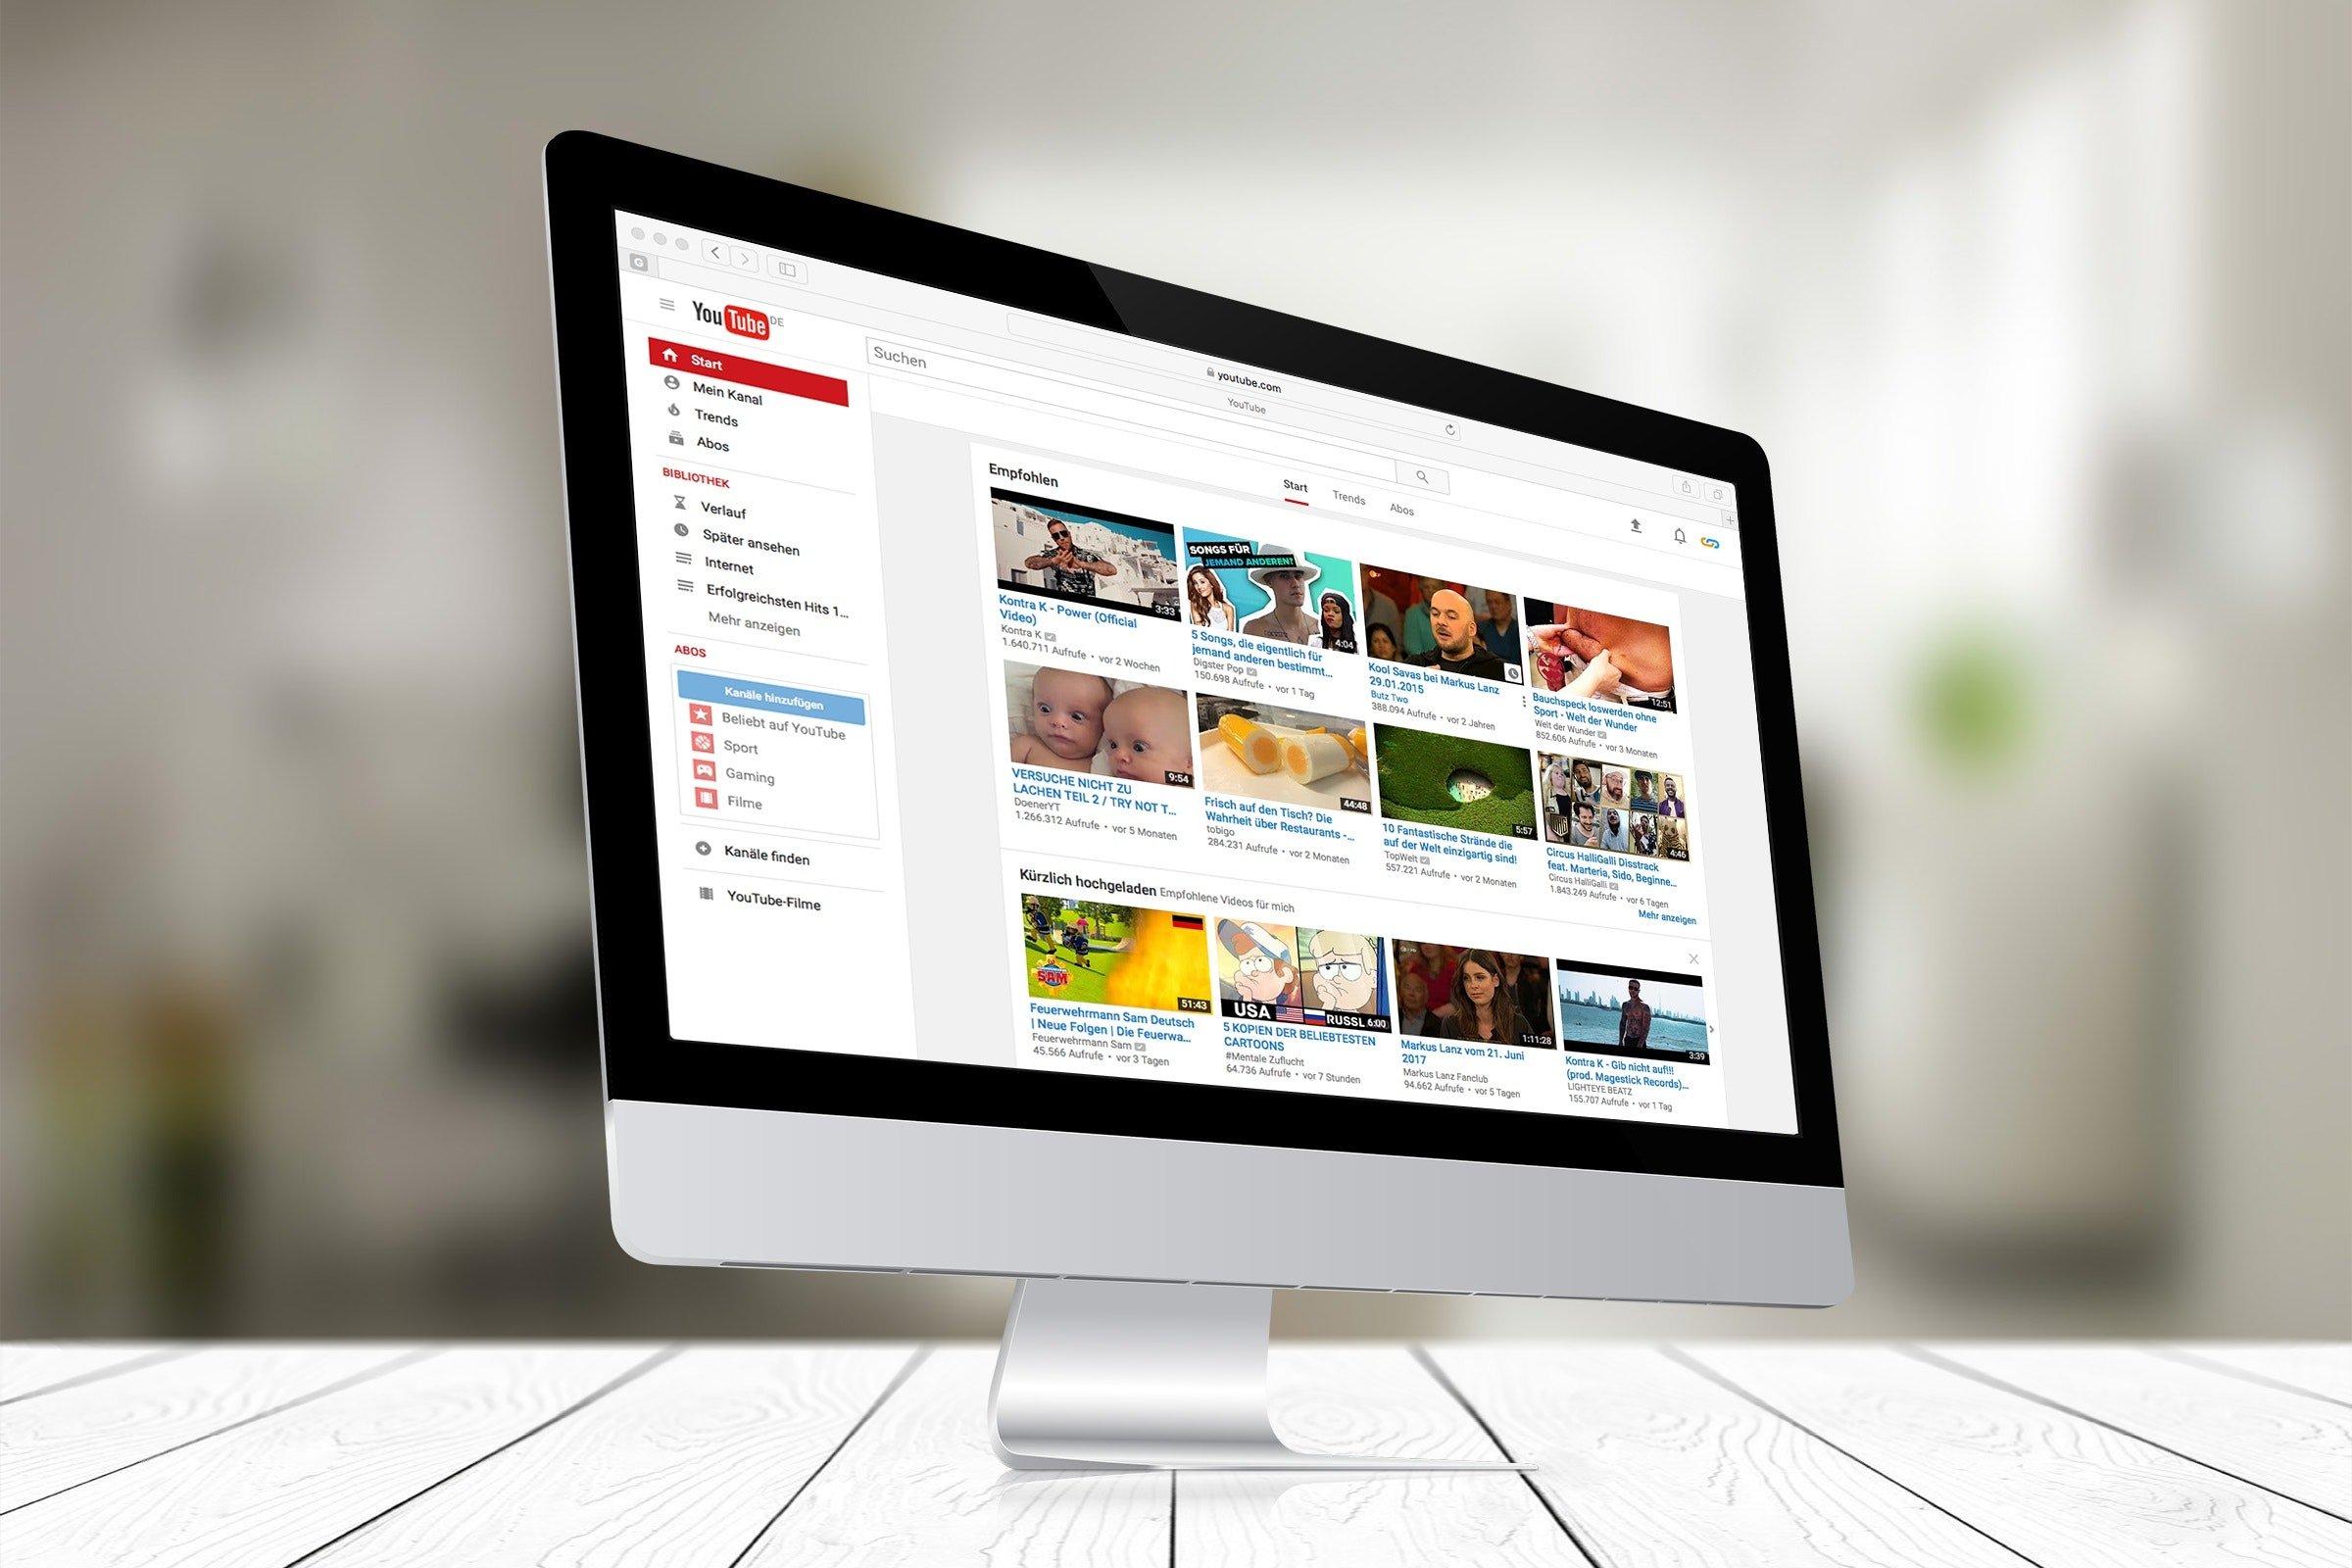 Озвучена цена платной подписки наYouTube в Российской Федерации